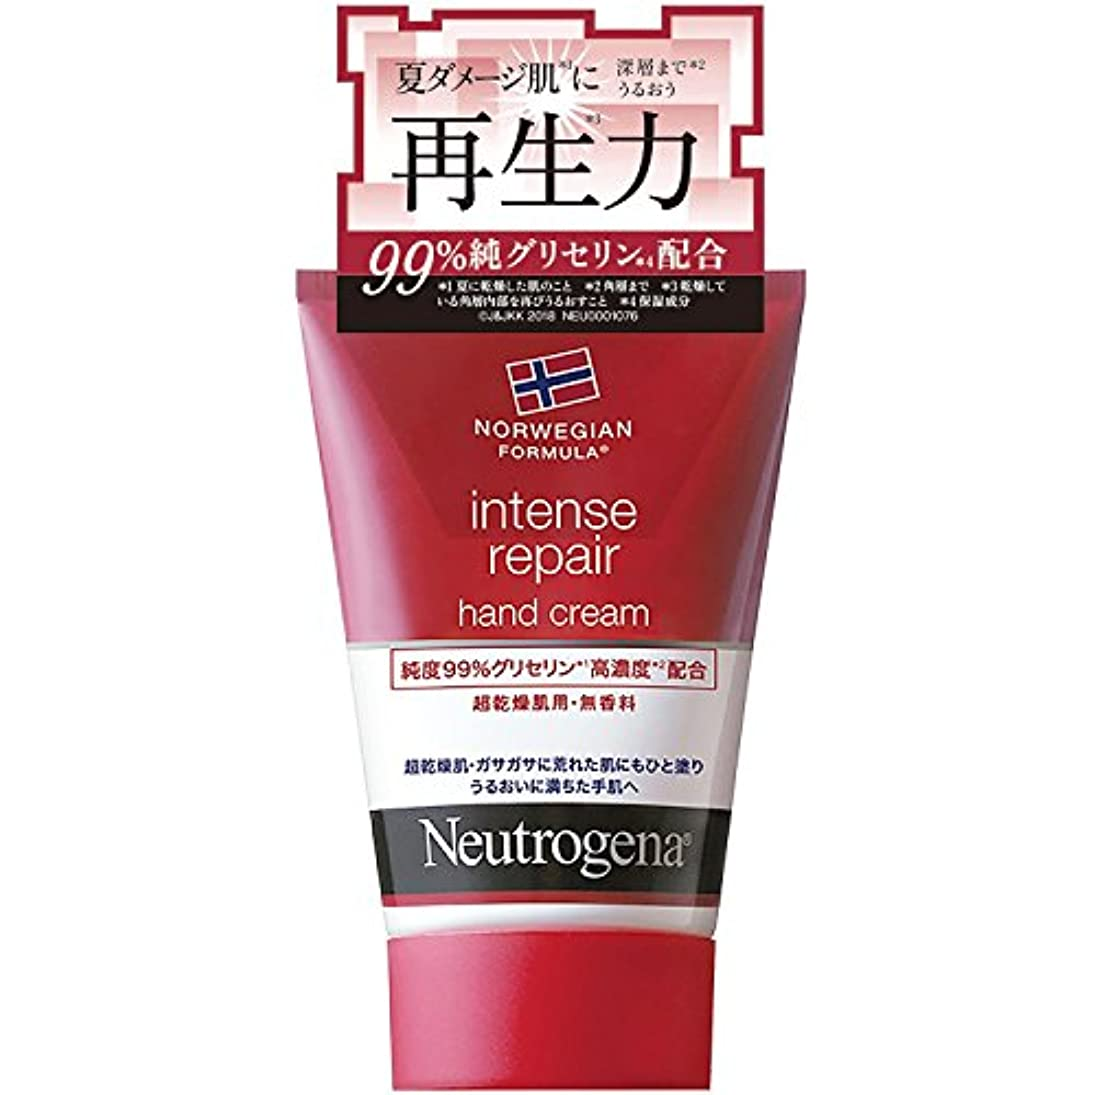 すべてペルソナ削減Neutrogena(ニュートロジーナ) ノルウェーフォーミュラ インテンスリペア ハンドクリーム 超乾燥肌用 無香料 単品 50g